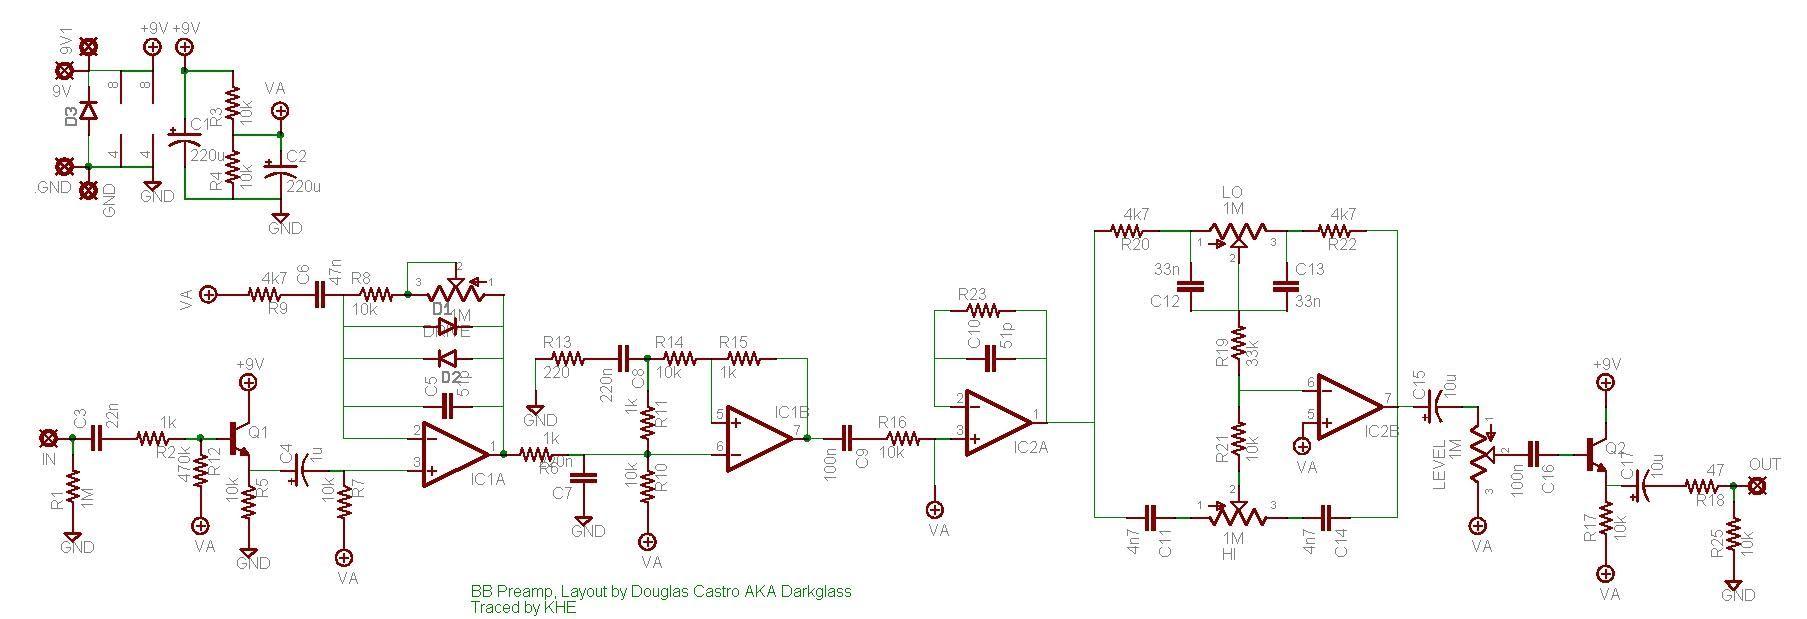 88c5c5b2ed97e2aa0b55d580f2c2b226 Xotic Bb Preamp Schematic on switch schematic, computer schematic, receiver schematic, power schematic, guitar schematic, rectifier schematic, tube schematic, tremolo schematic, vibrato schematic, distortion schematic, input schematic, radio schematic, wireless schematic, compressor schematic, keyboard schematic, amp schematic, speakers schematic, reverb schematic,